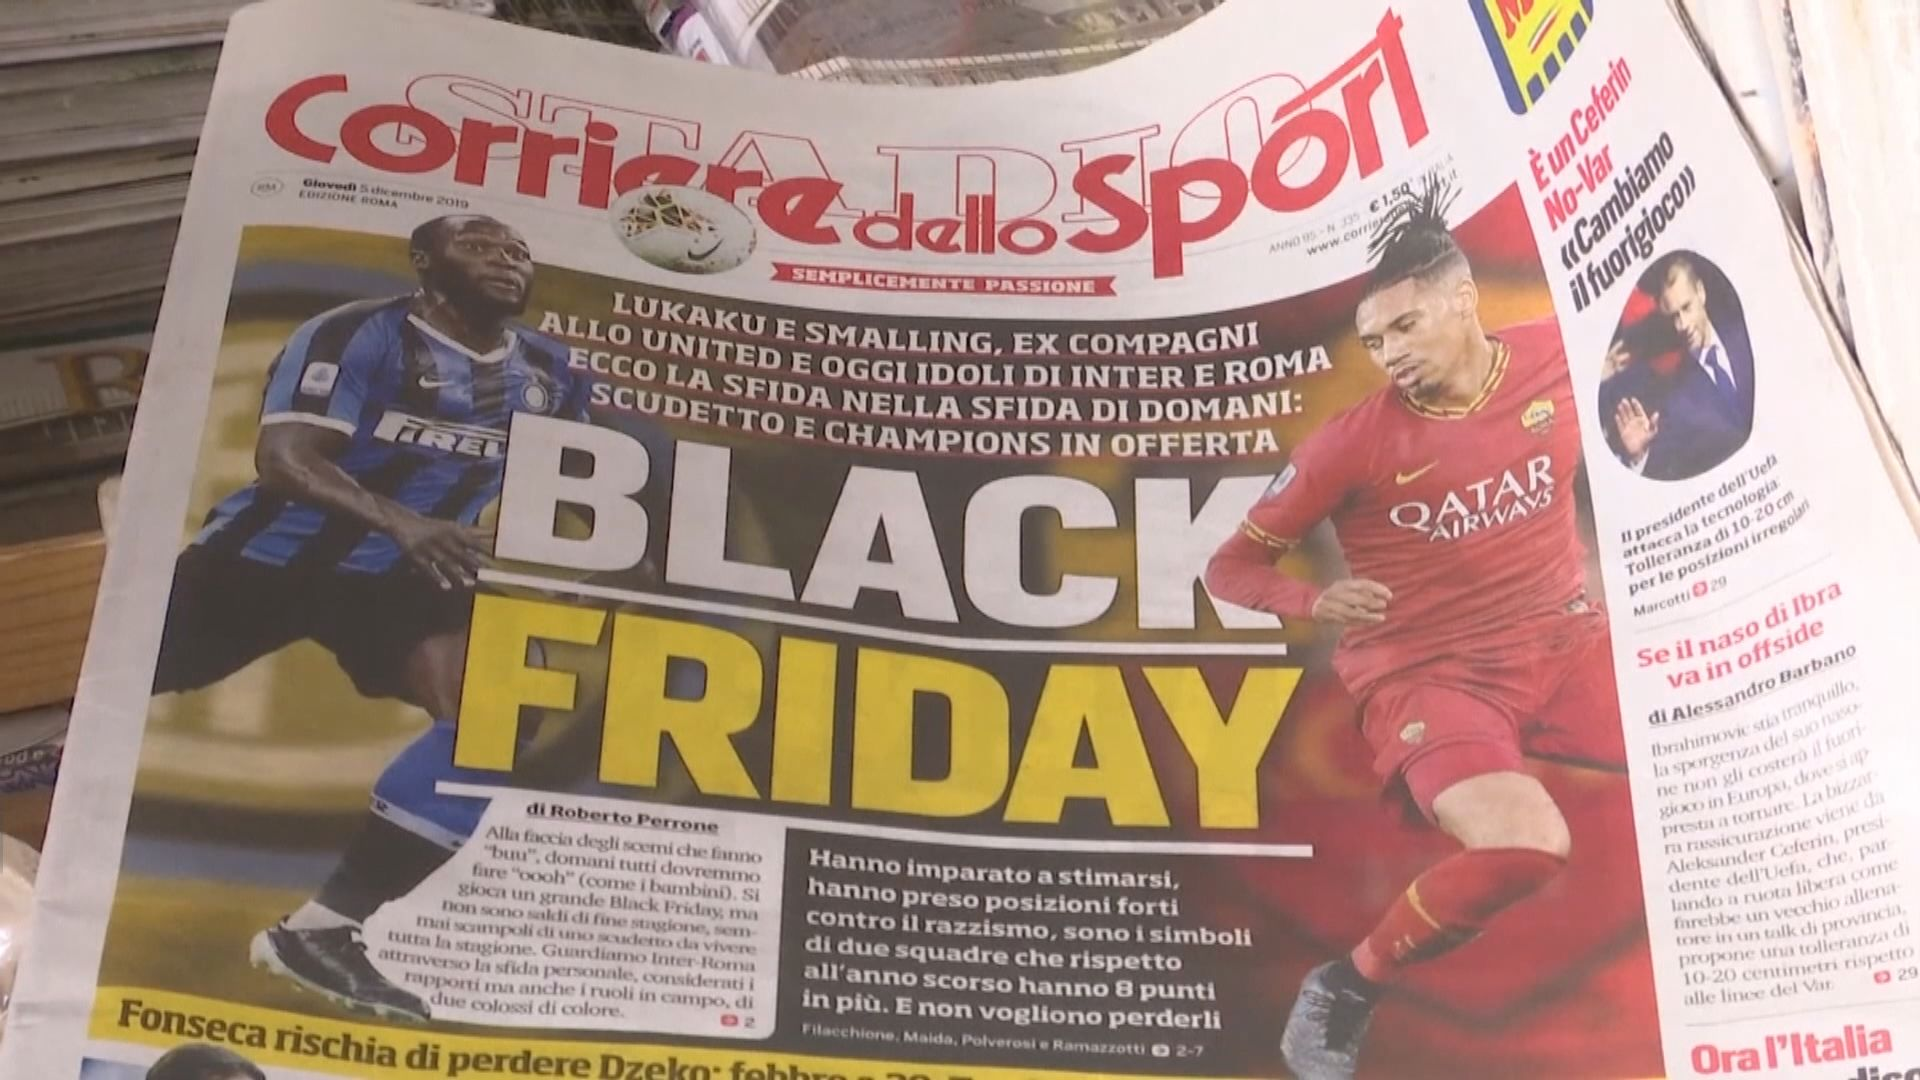 【環球薈報】羅馬體育報標題被指涉種族歧視